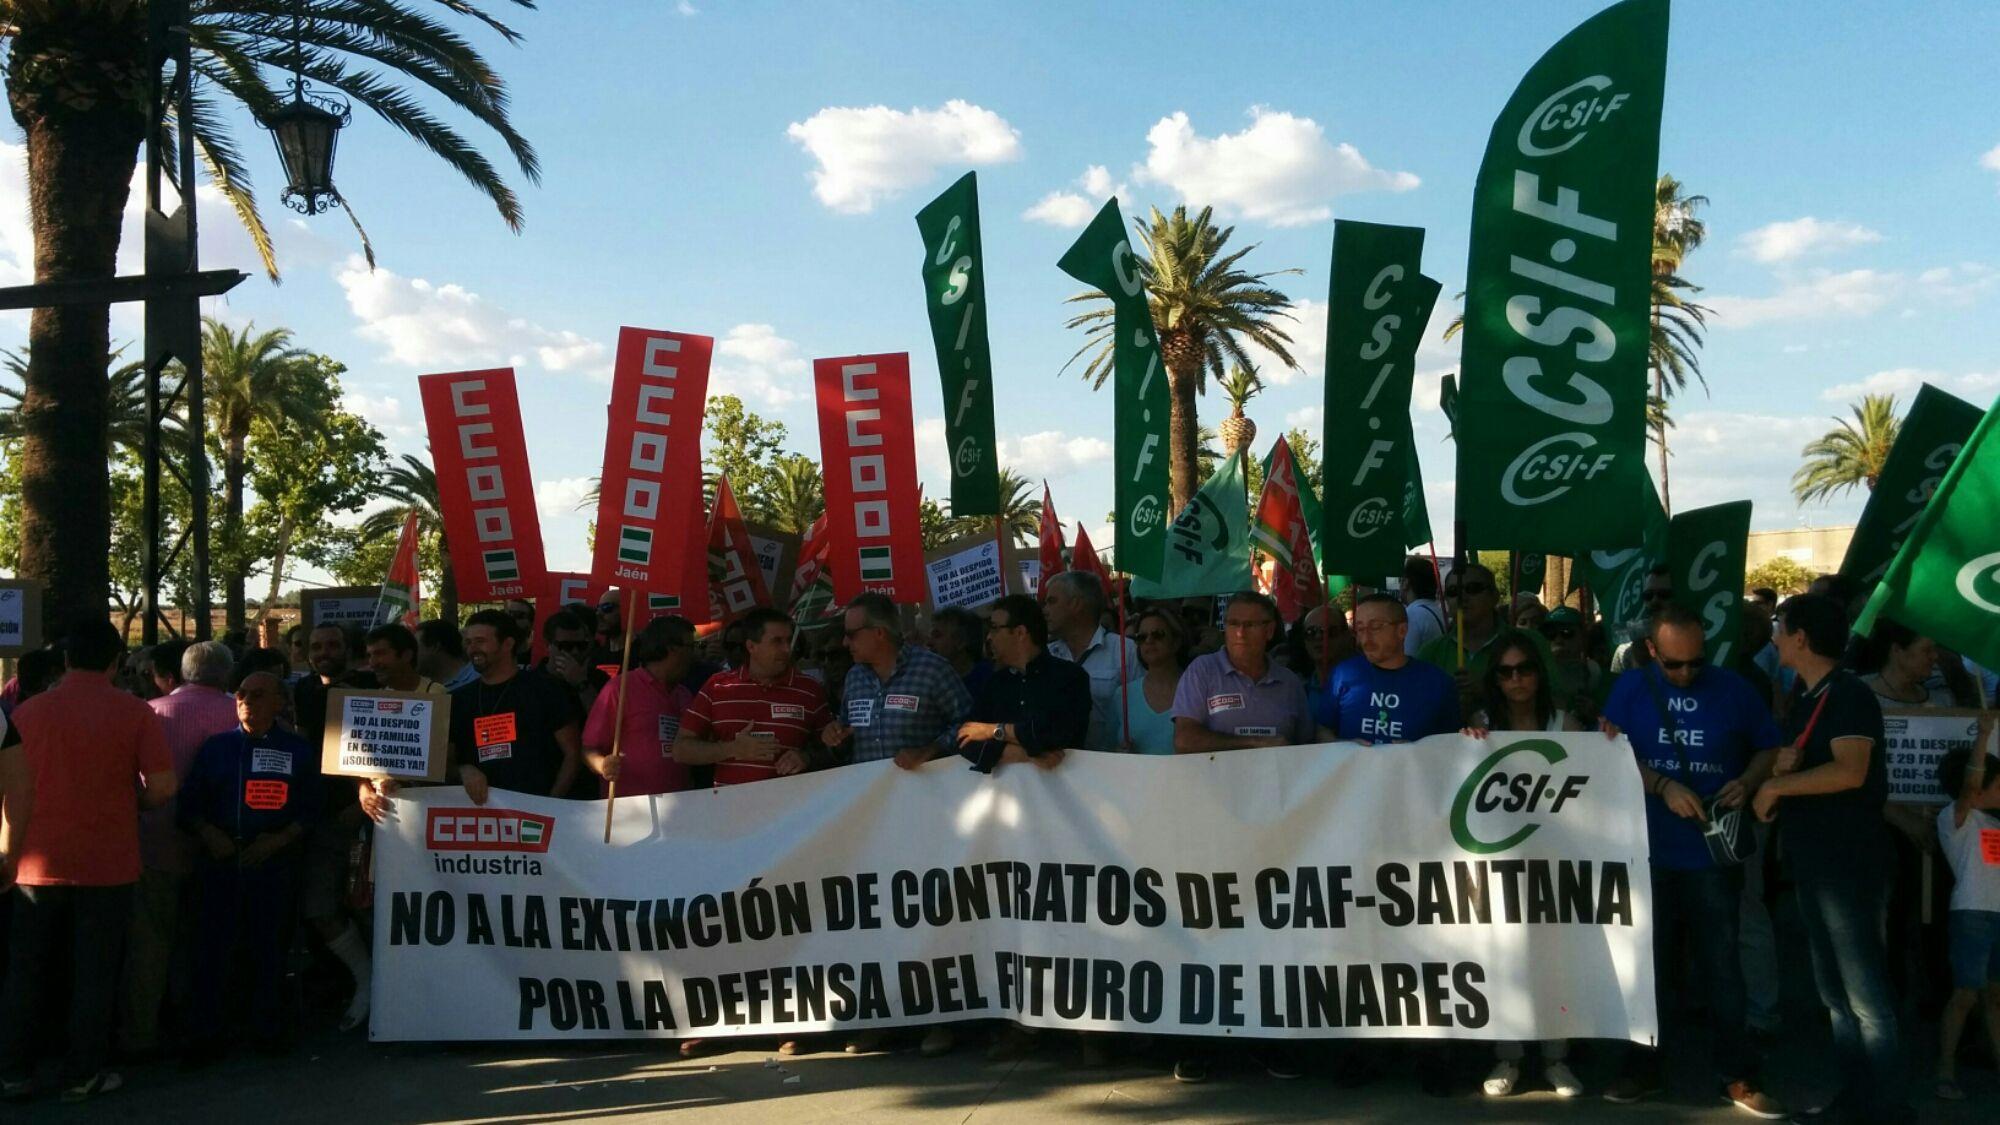 En estos momentos comienza la manifestación de CAF Santana